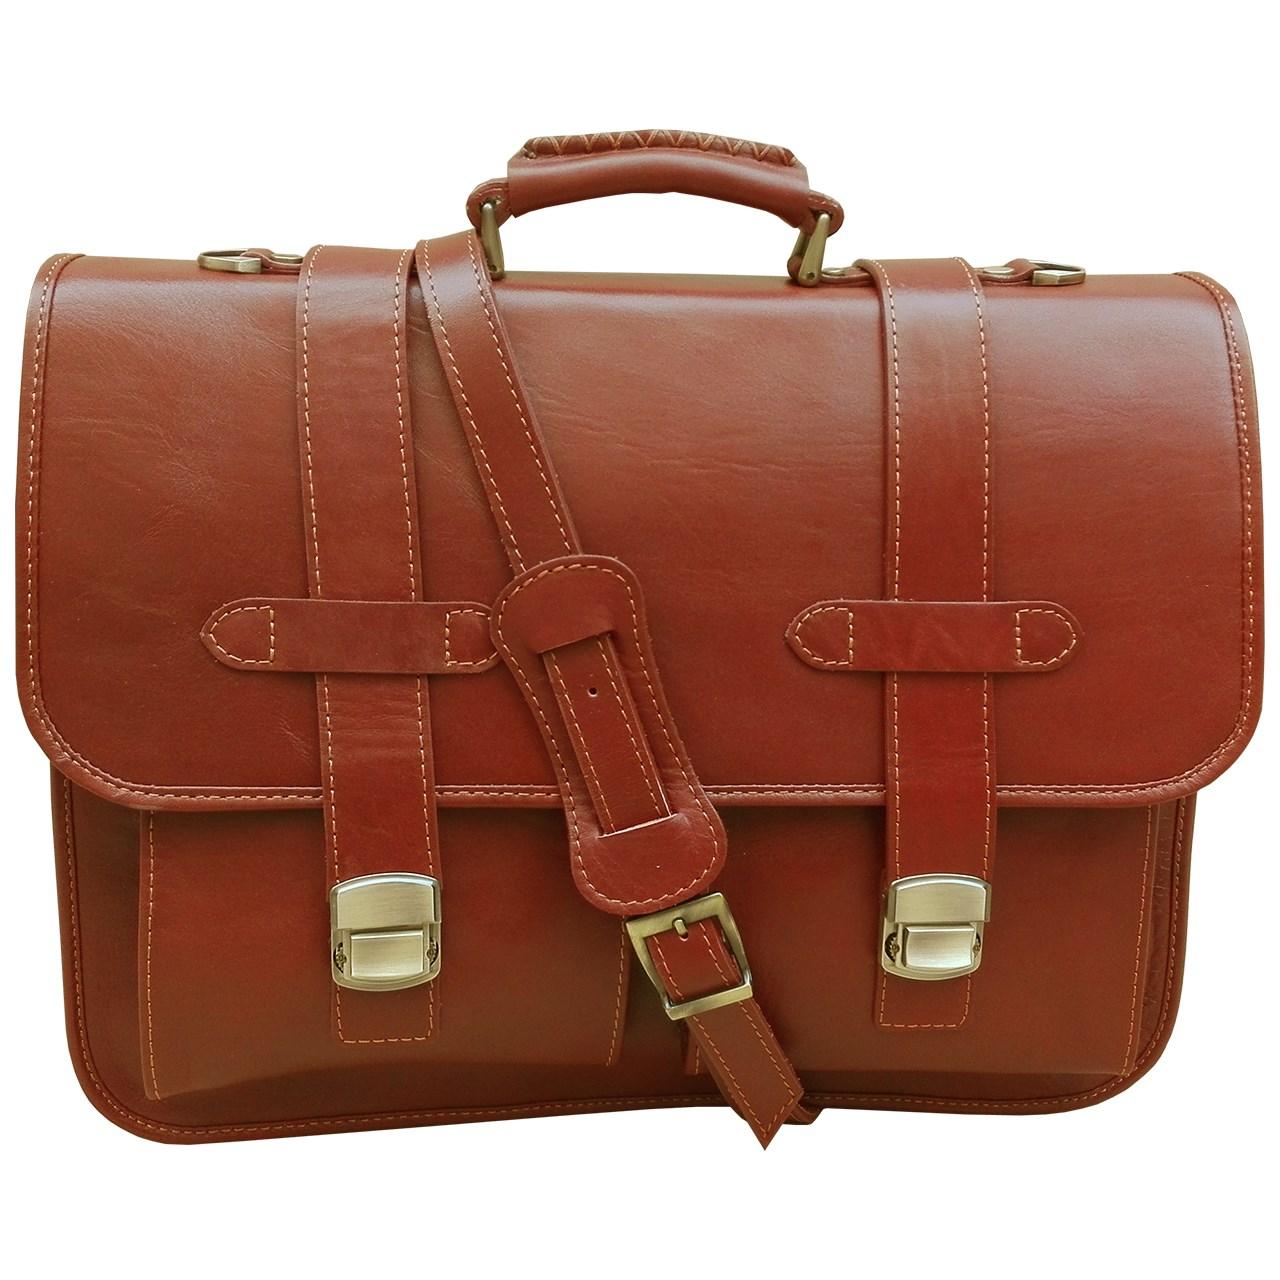 کیف اداری مردانه کد 126